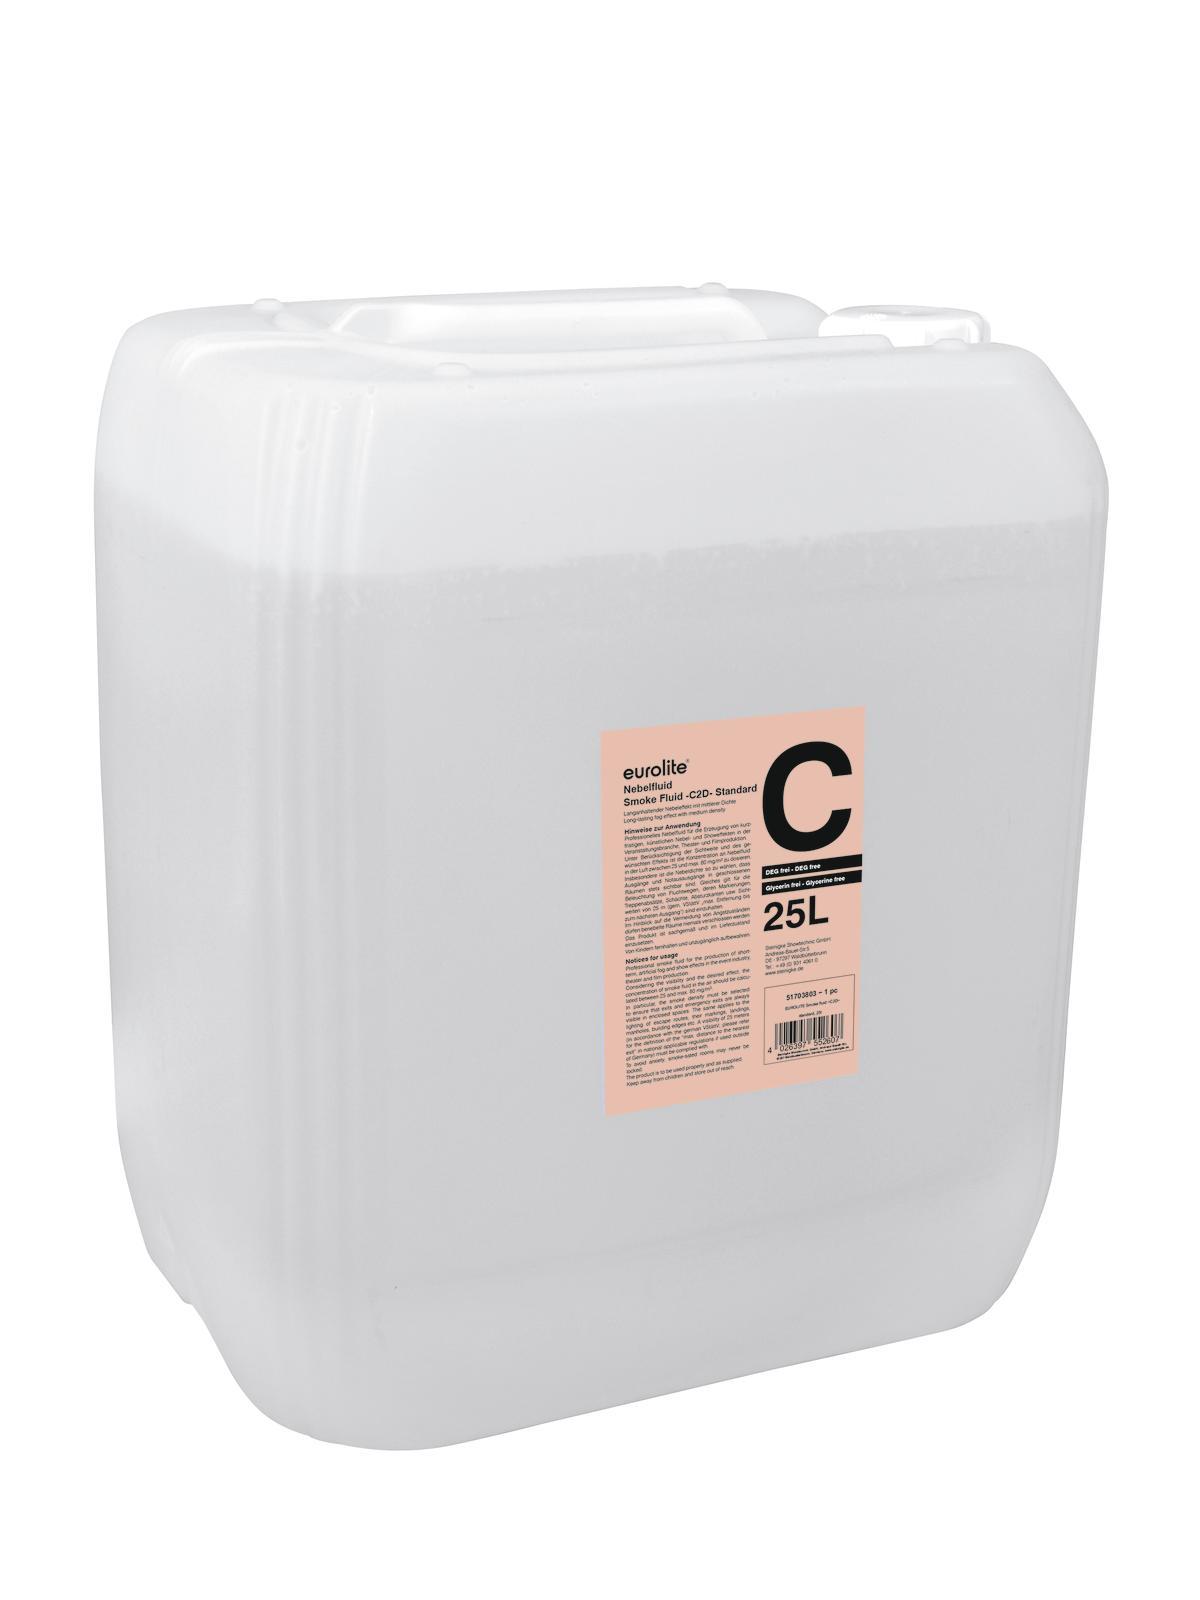 Liquido per macchina del fumo-nebbia -C2D - standard 25 litri EUROLITE